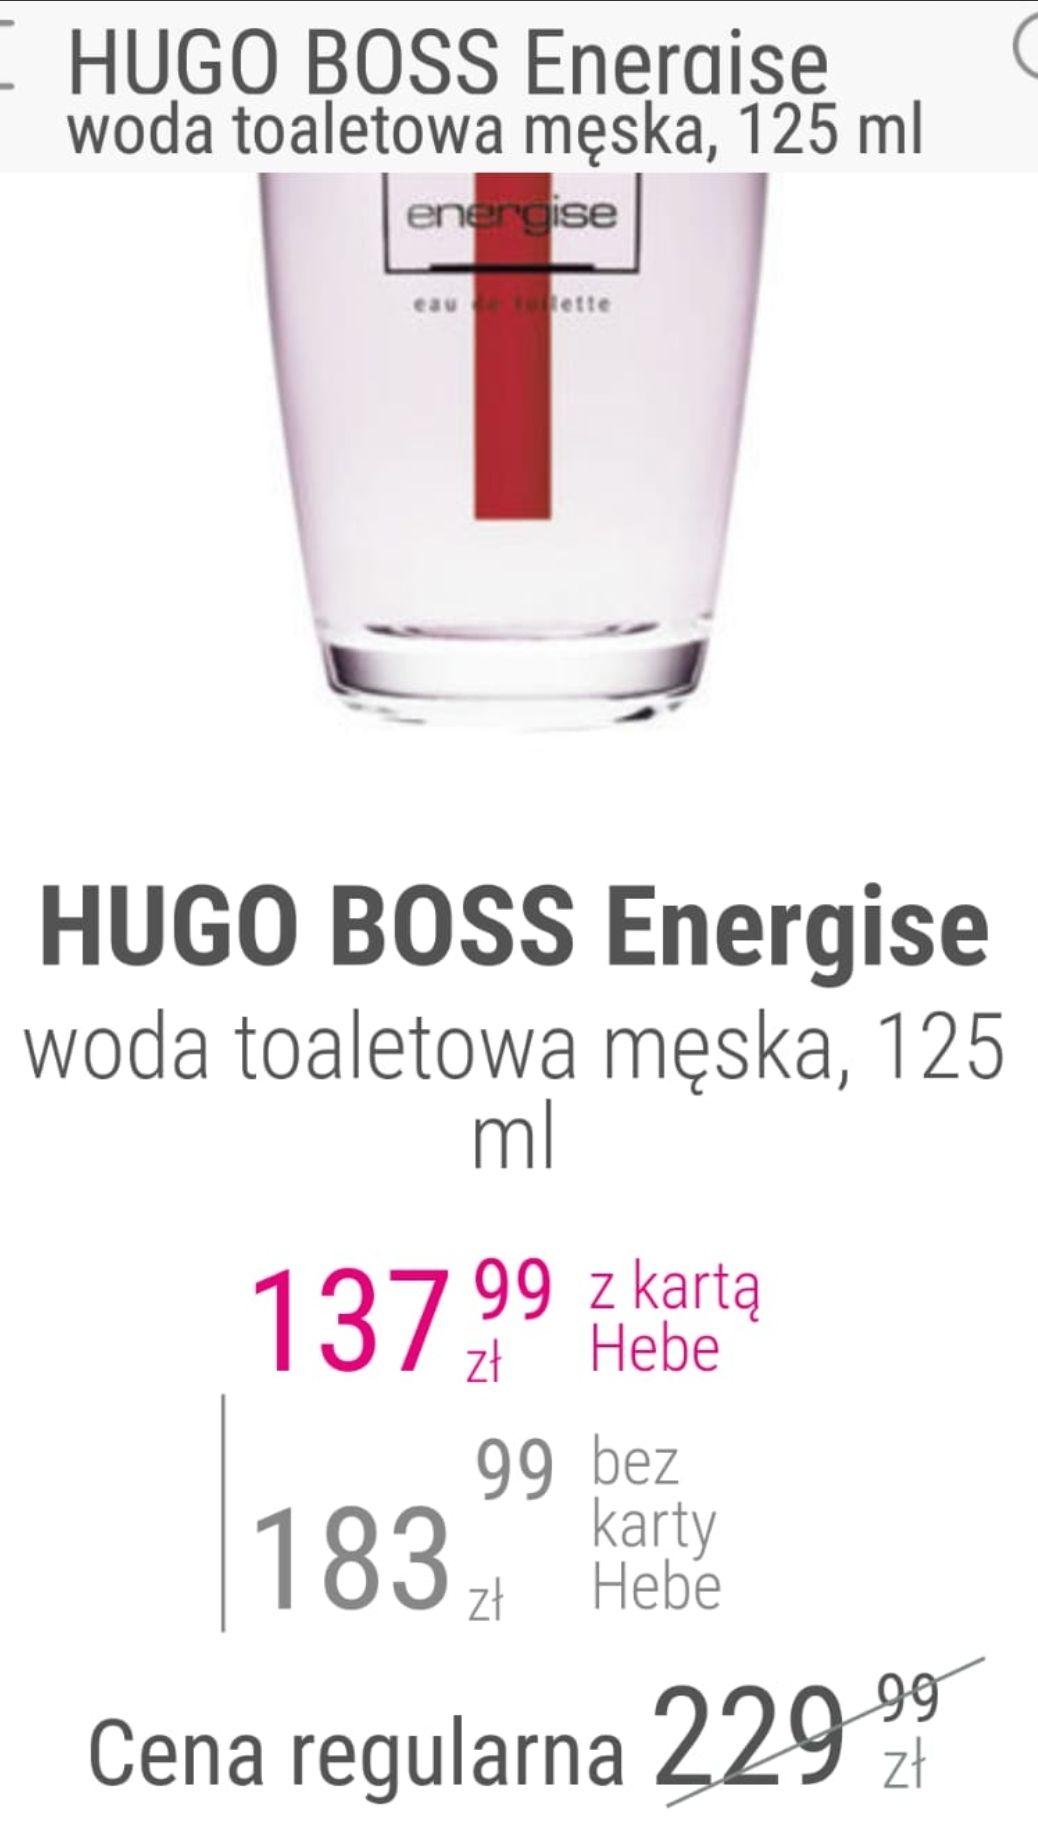 Hugo boss Energise 125 ml - Hebe